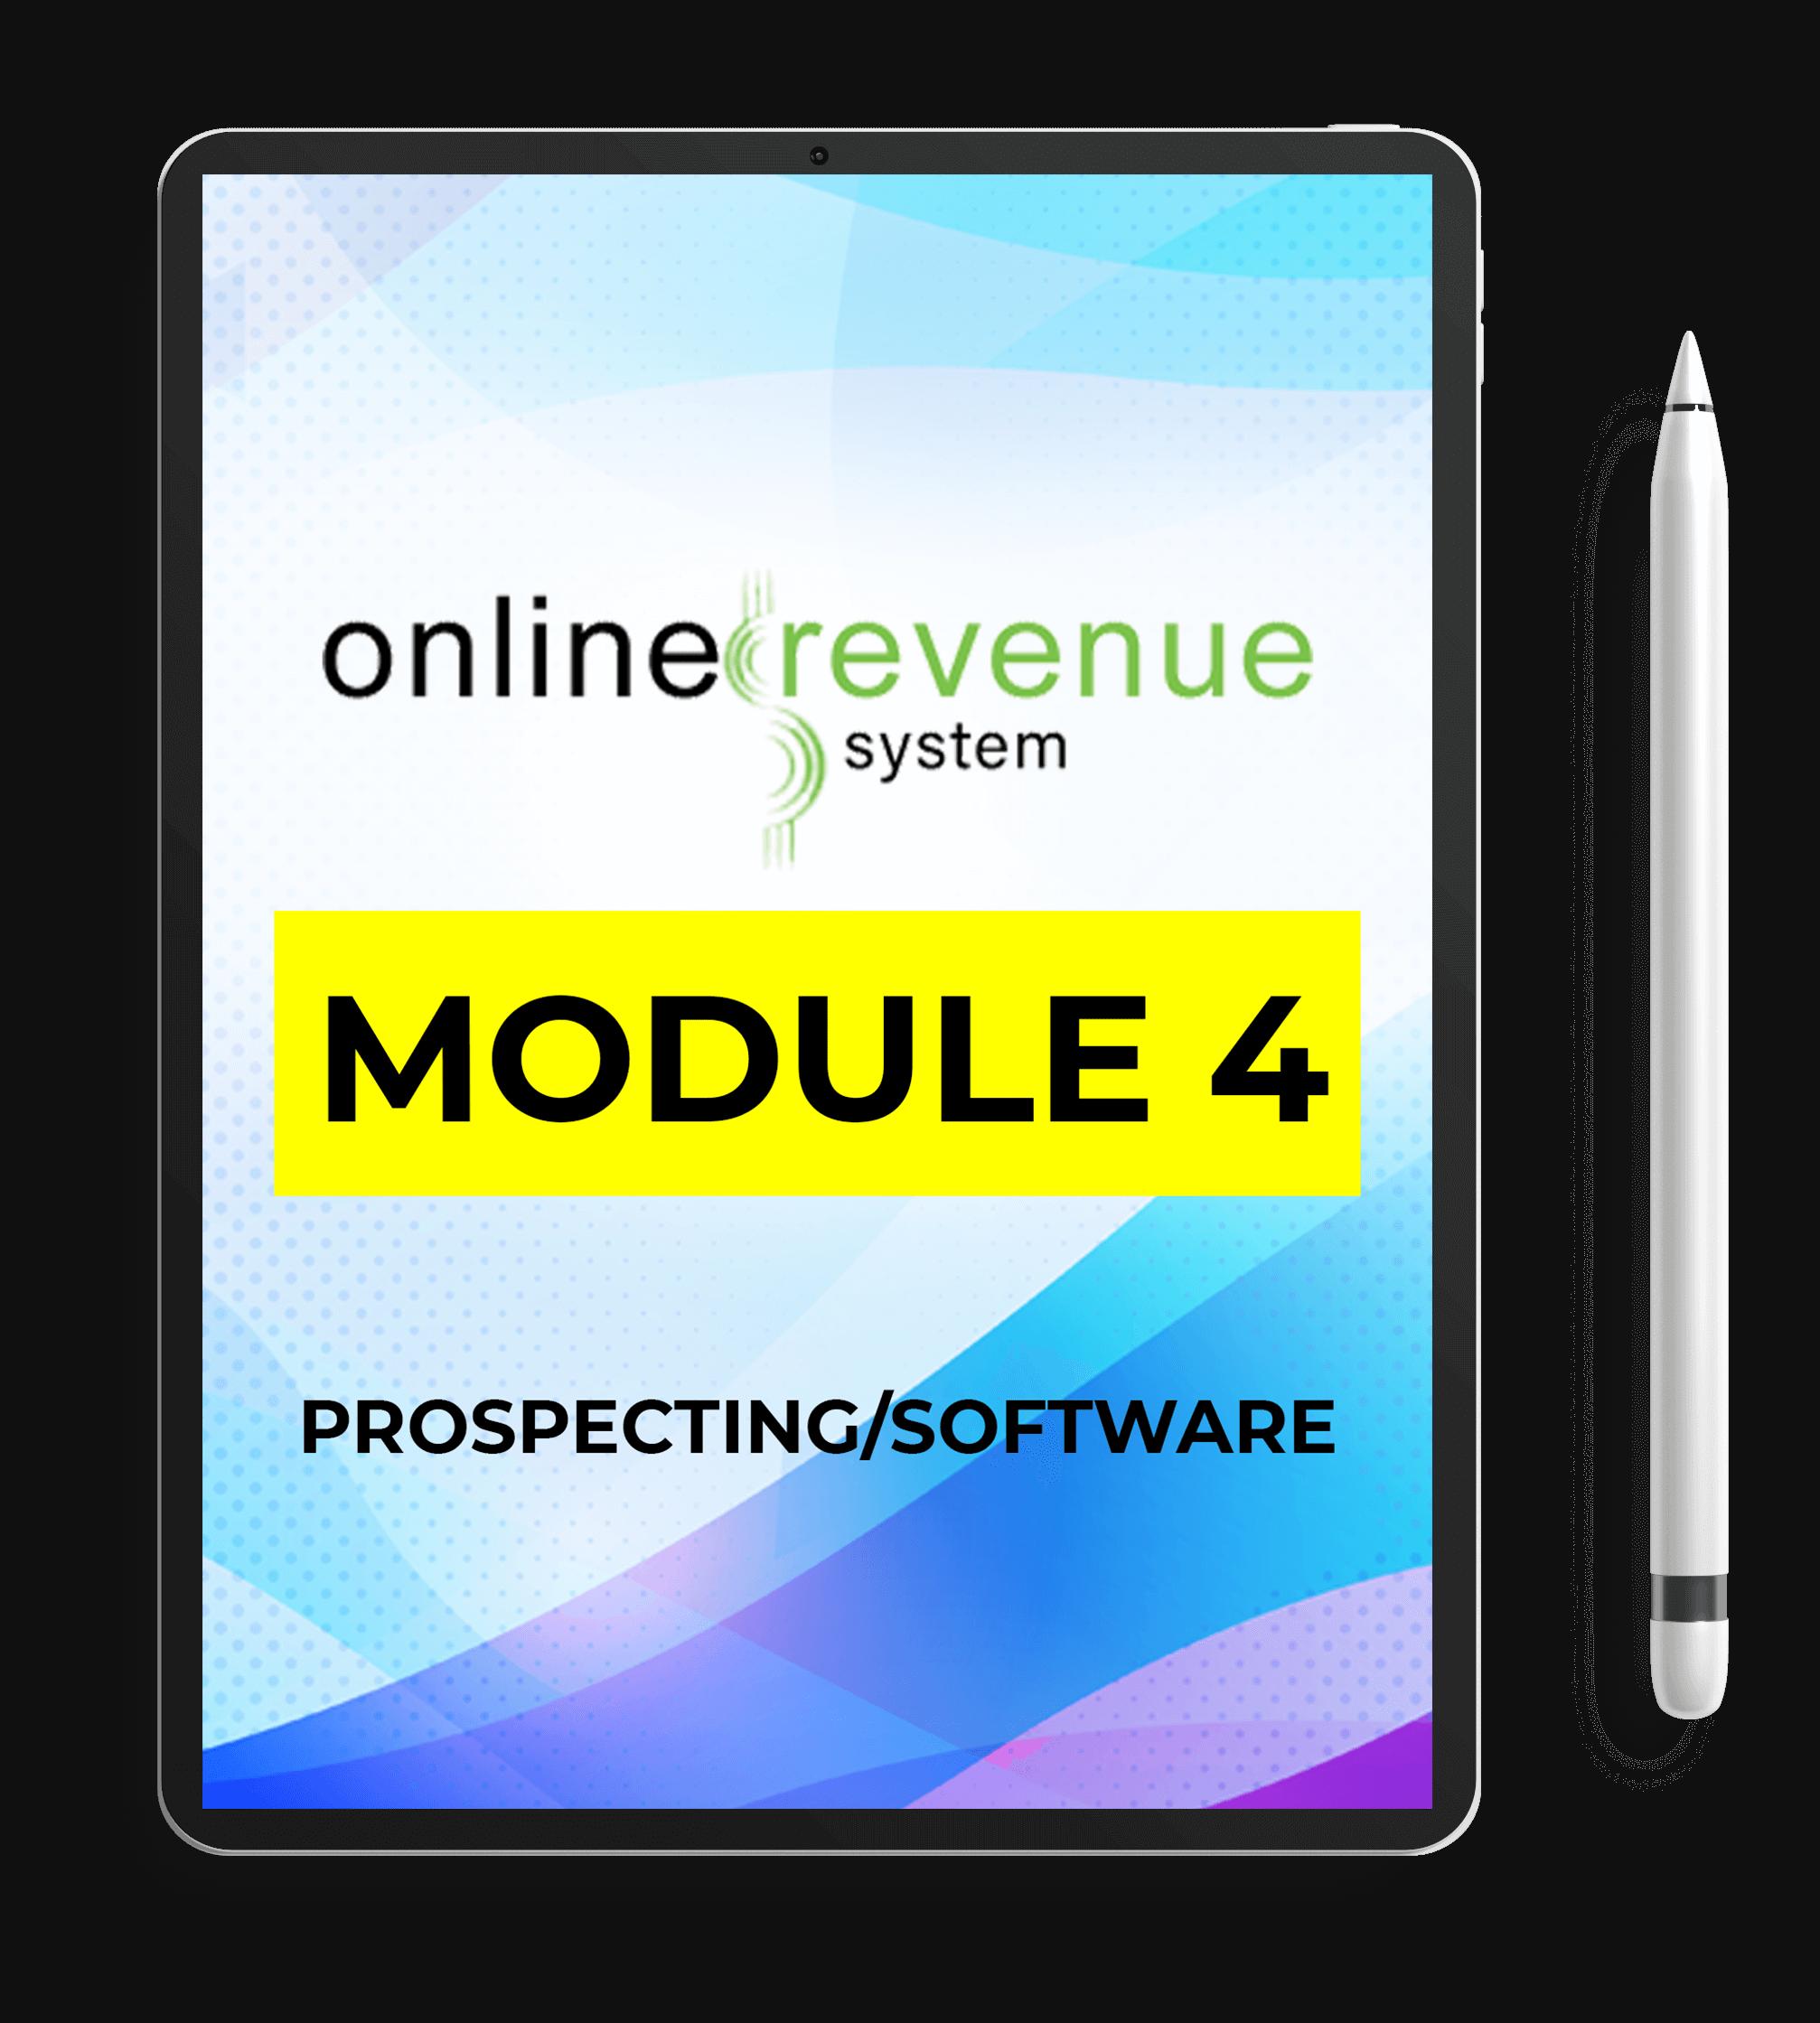 Online-Revenue-System-Review-Module-4